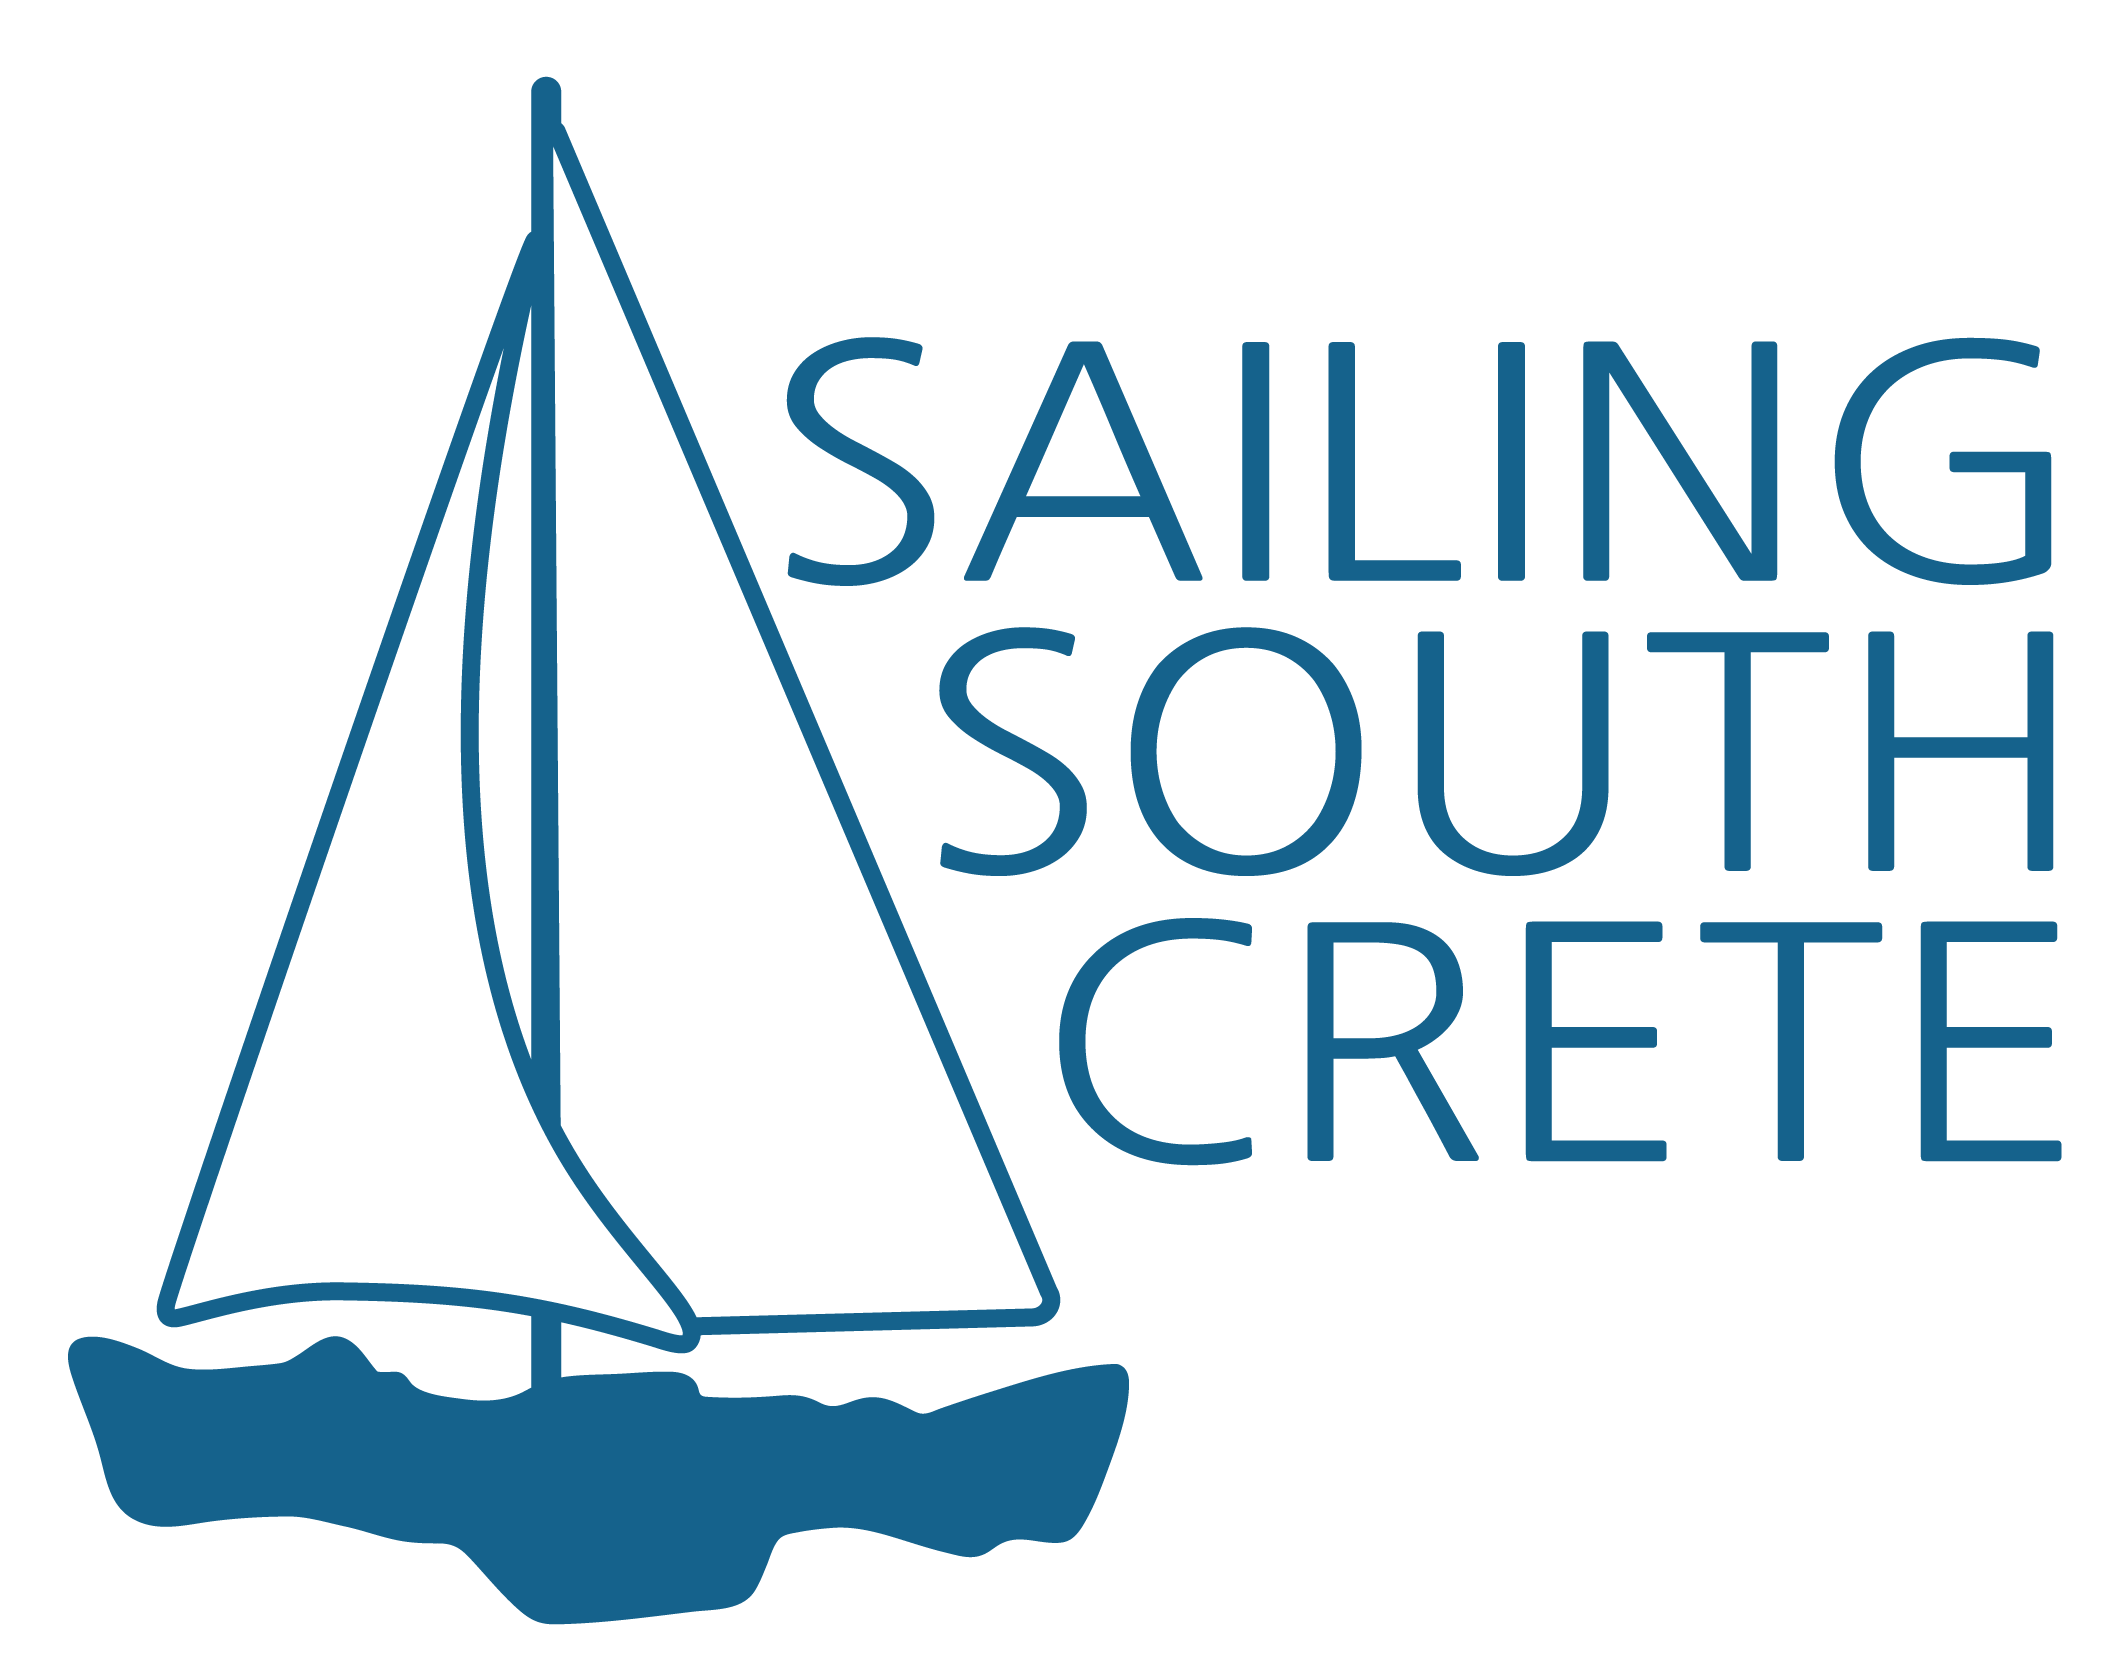 sailingsouthcrete.gr